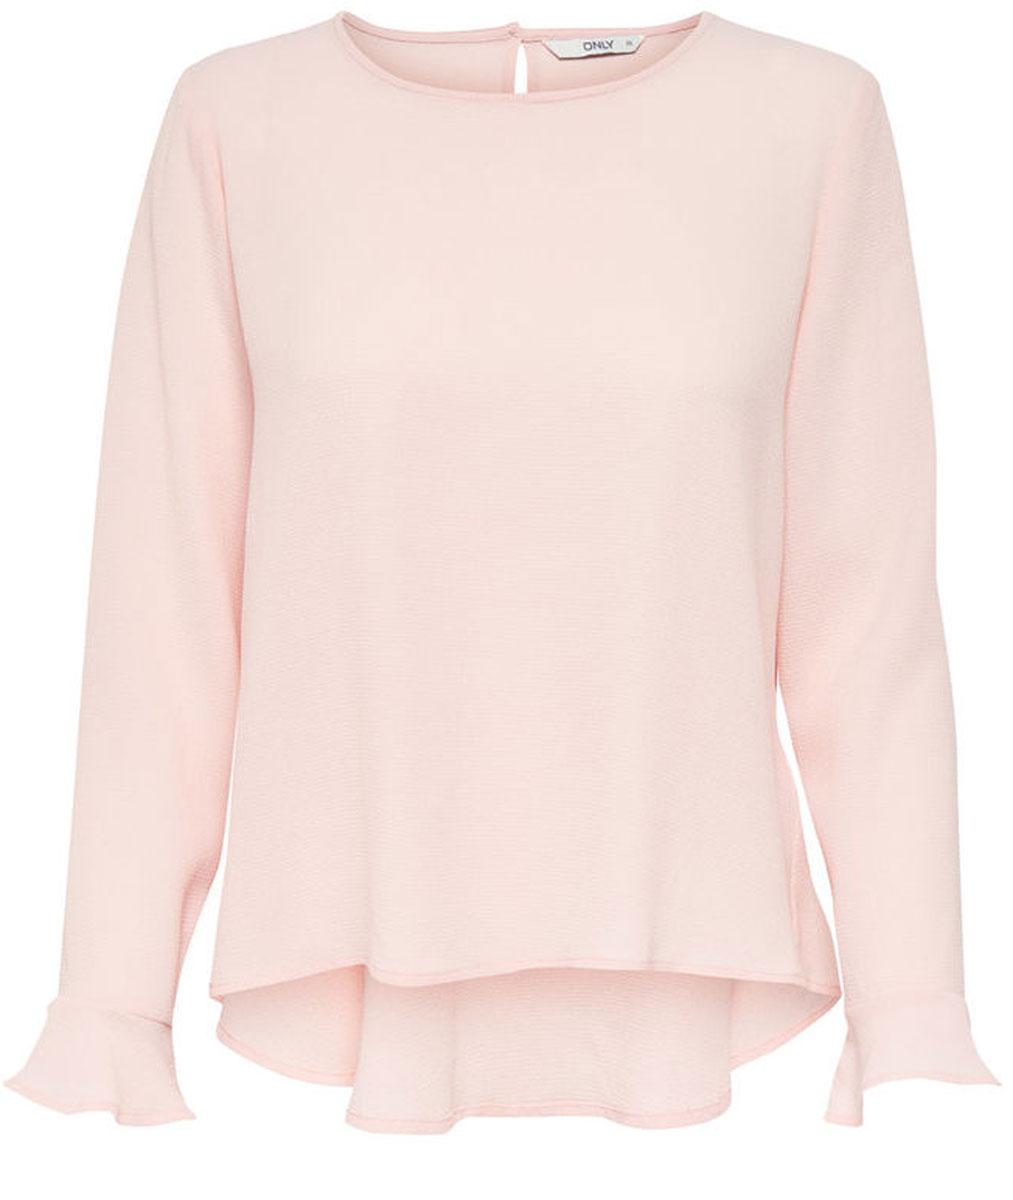 Блузка женская Only, цвет: розовый. 15135076_Peach Whip. Размер 42 (48) only парка женская